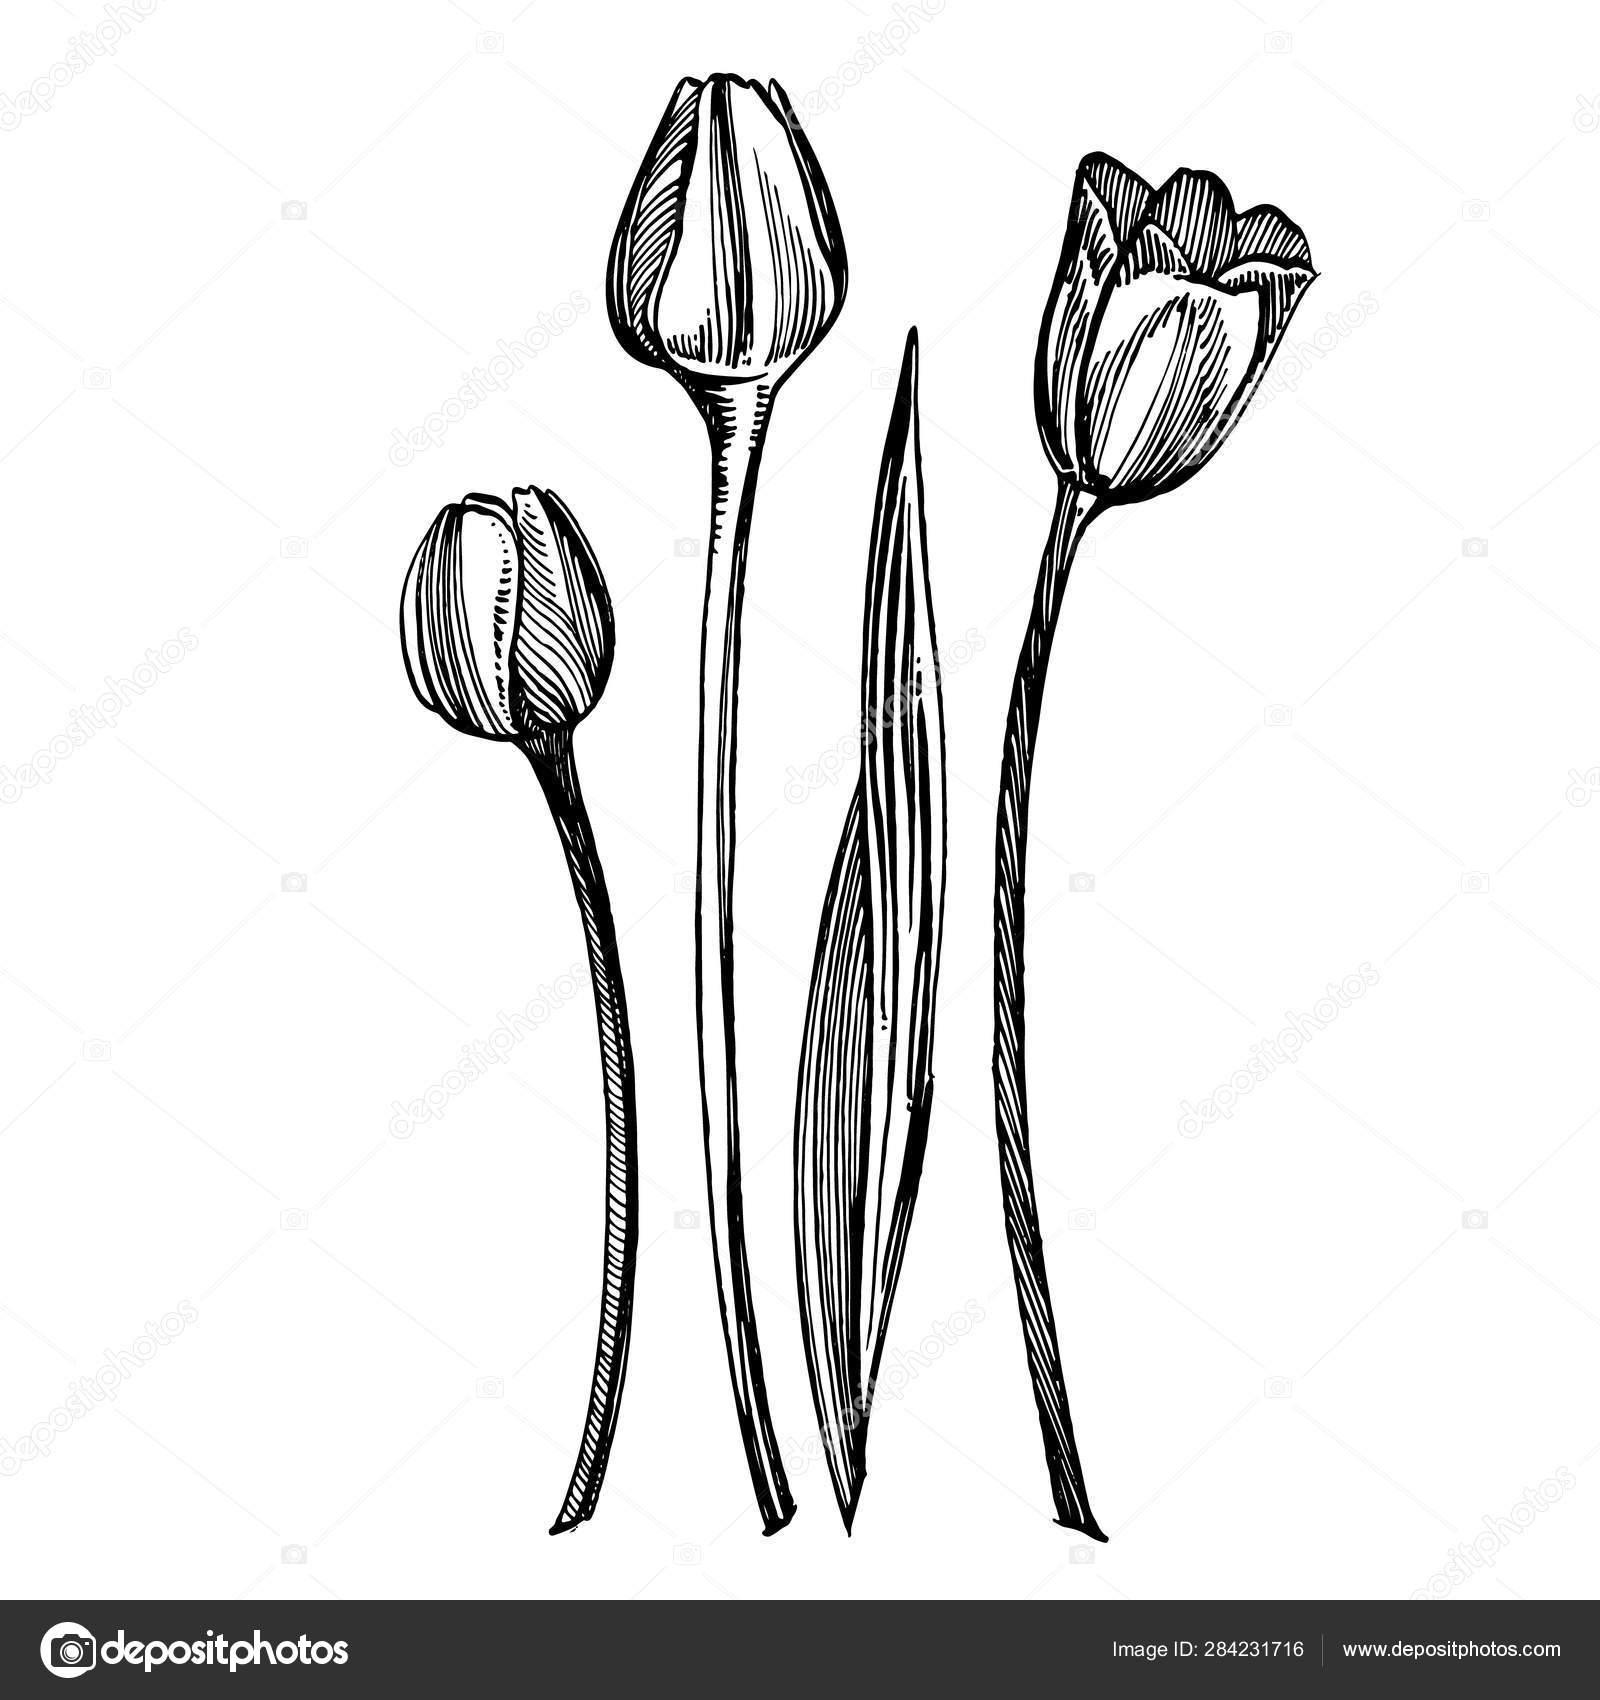 Ilustrasi Gambar Bunga Tulip Ilustrasi Tanaman Botani Vintage Obat Herbal Sketsa Set Tinta Tangan Ditarik Obat Obatan Herbal Dan Tanaman Sketsa Stok Foto C Asetrova 284231716